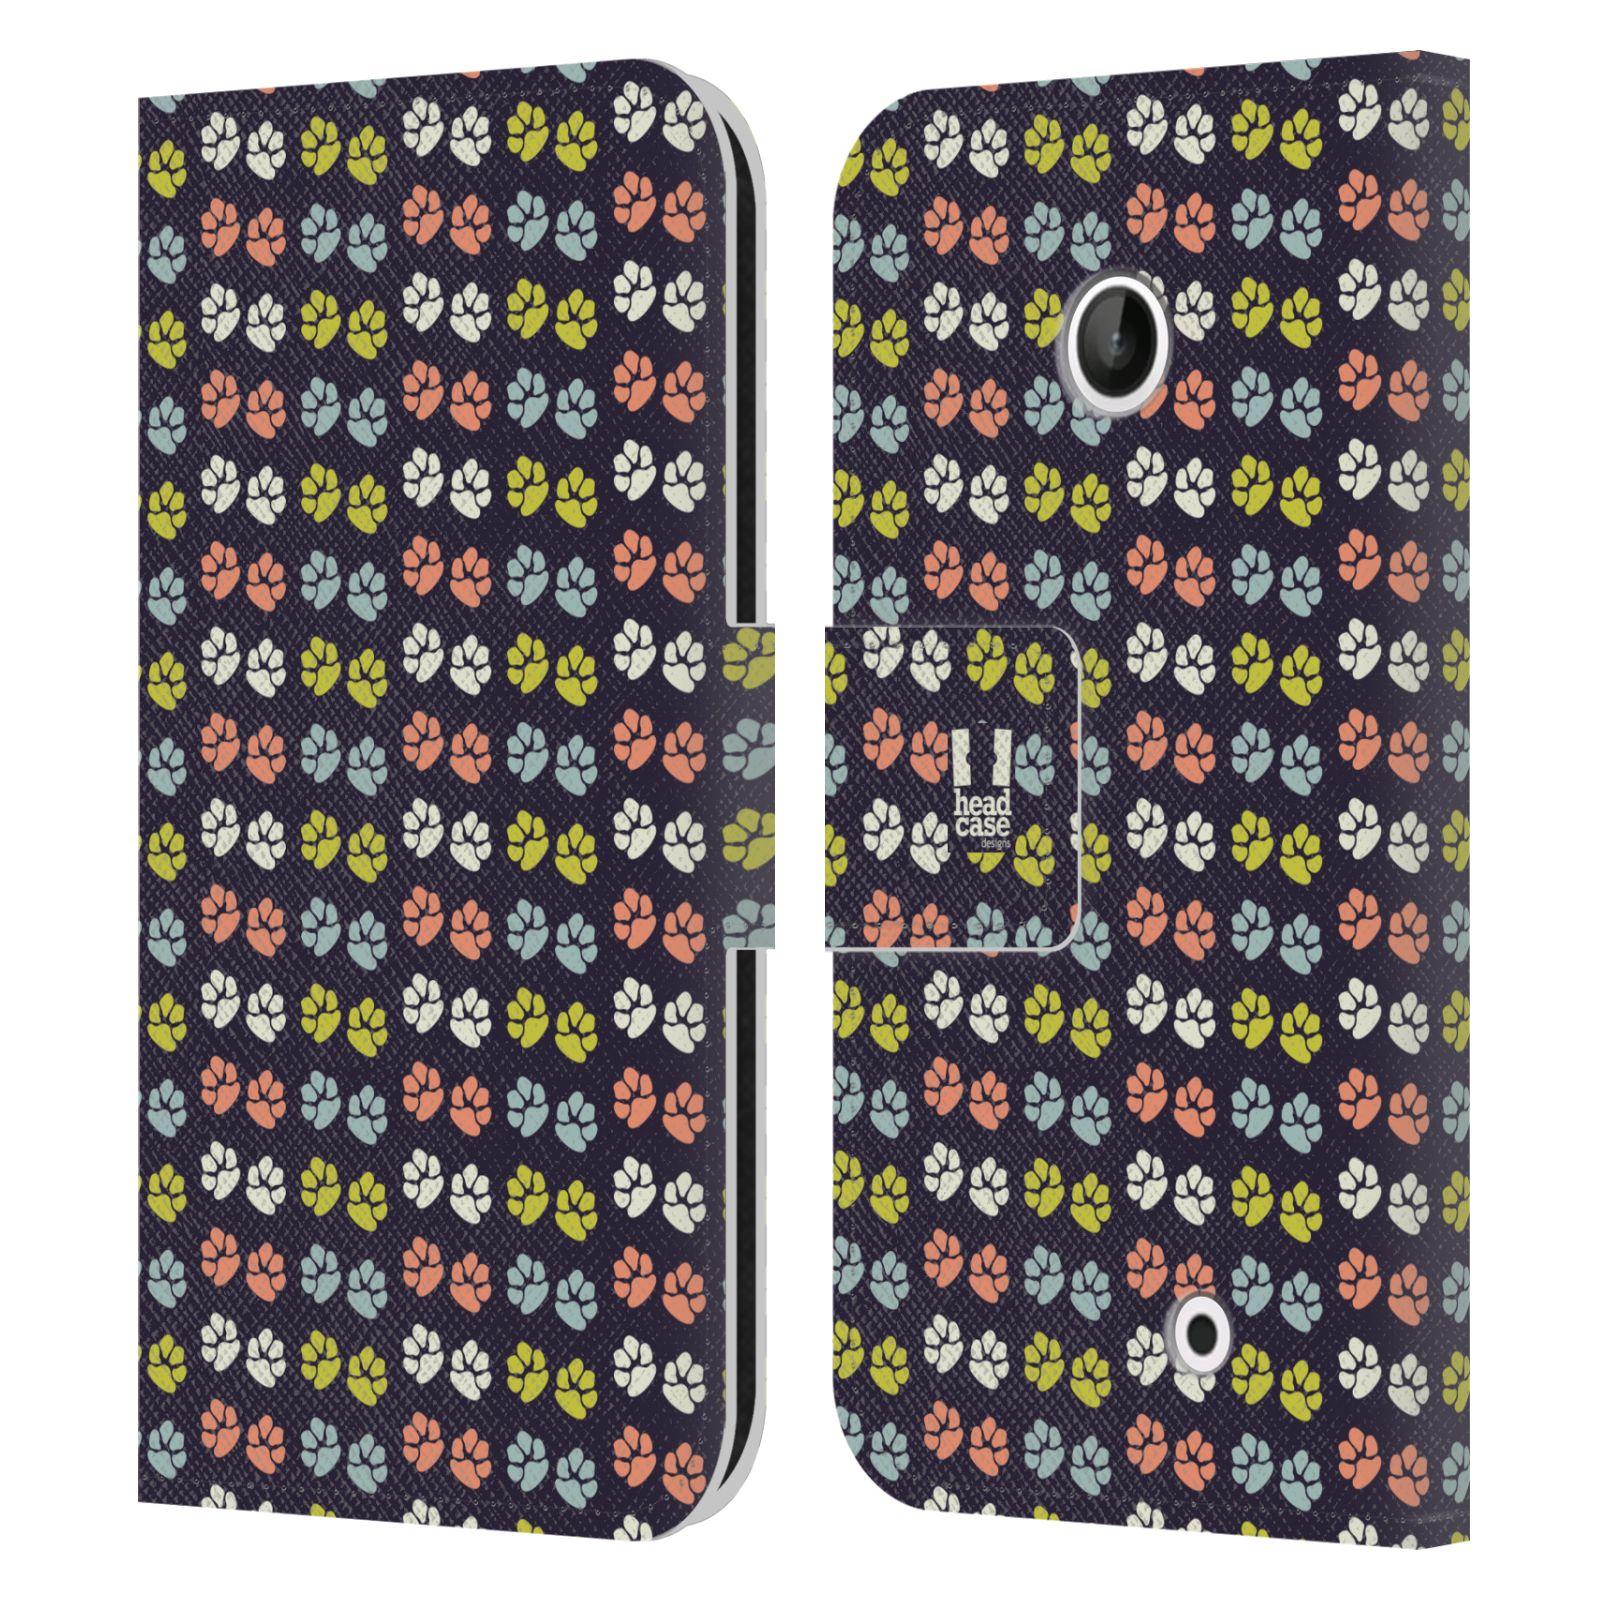 HEAD CASE Flipové pouzdro pro mobil NOKIA LUMIA 630 / LUMIA 630 DUAL Pejsek ťapky barevné RETRO